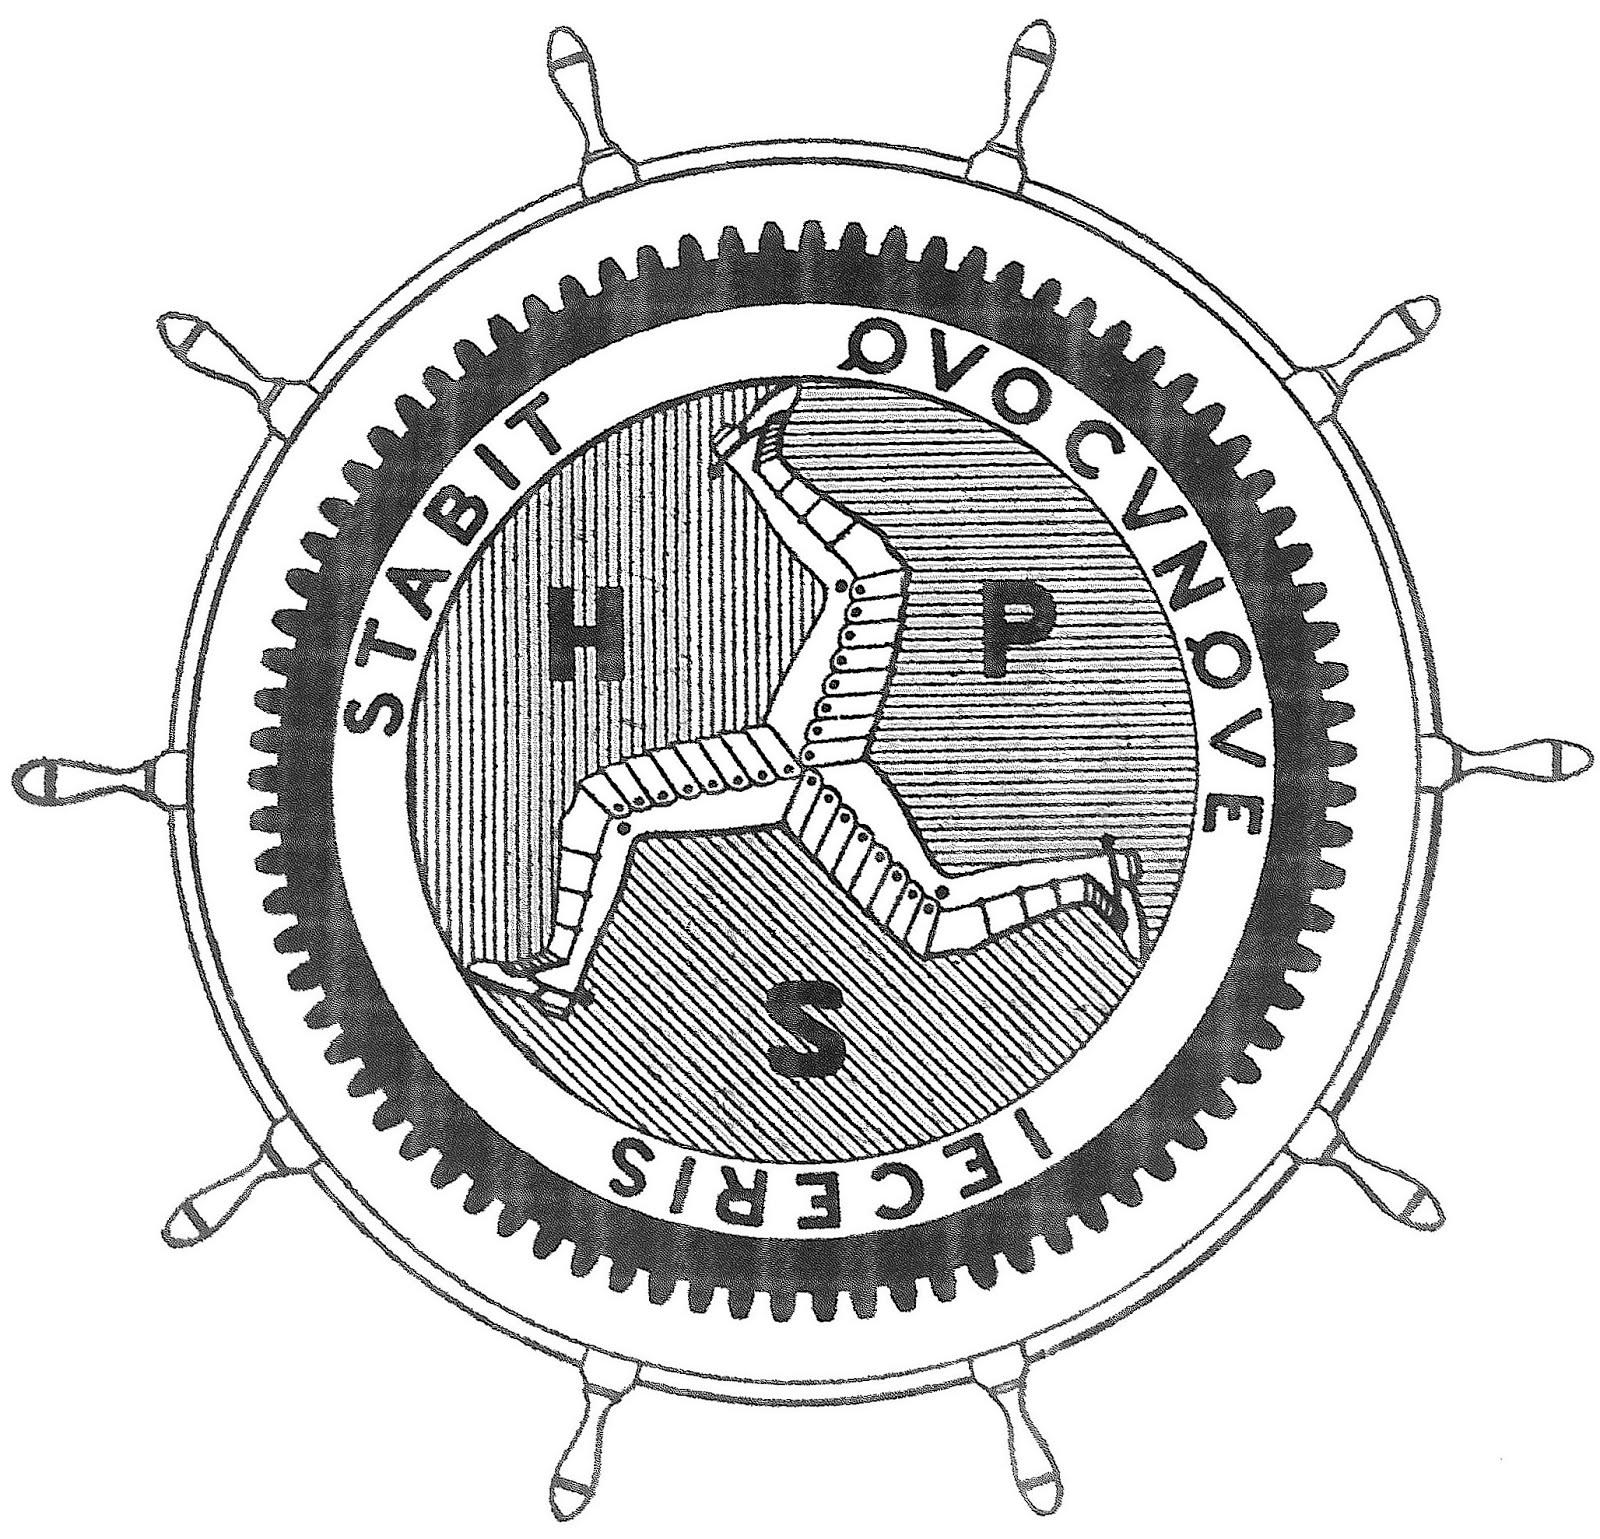 Simbolo da H. Parry & Son